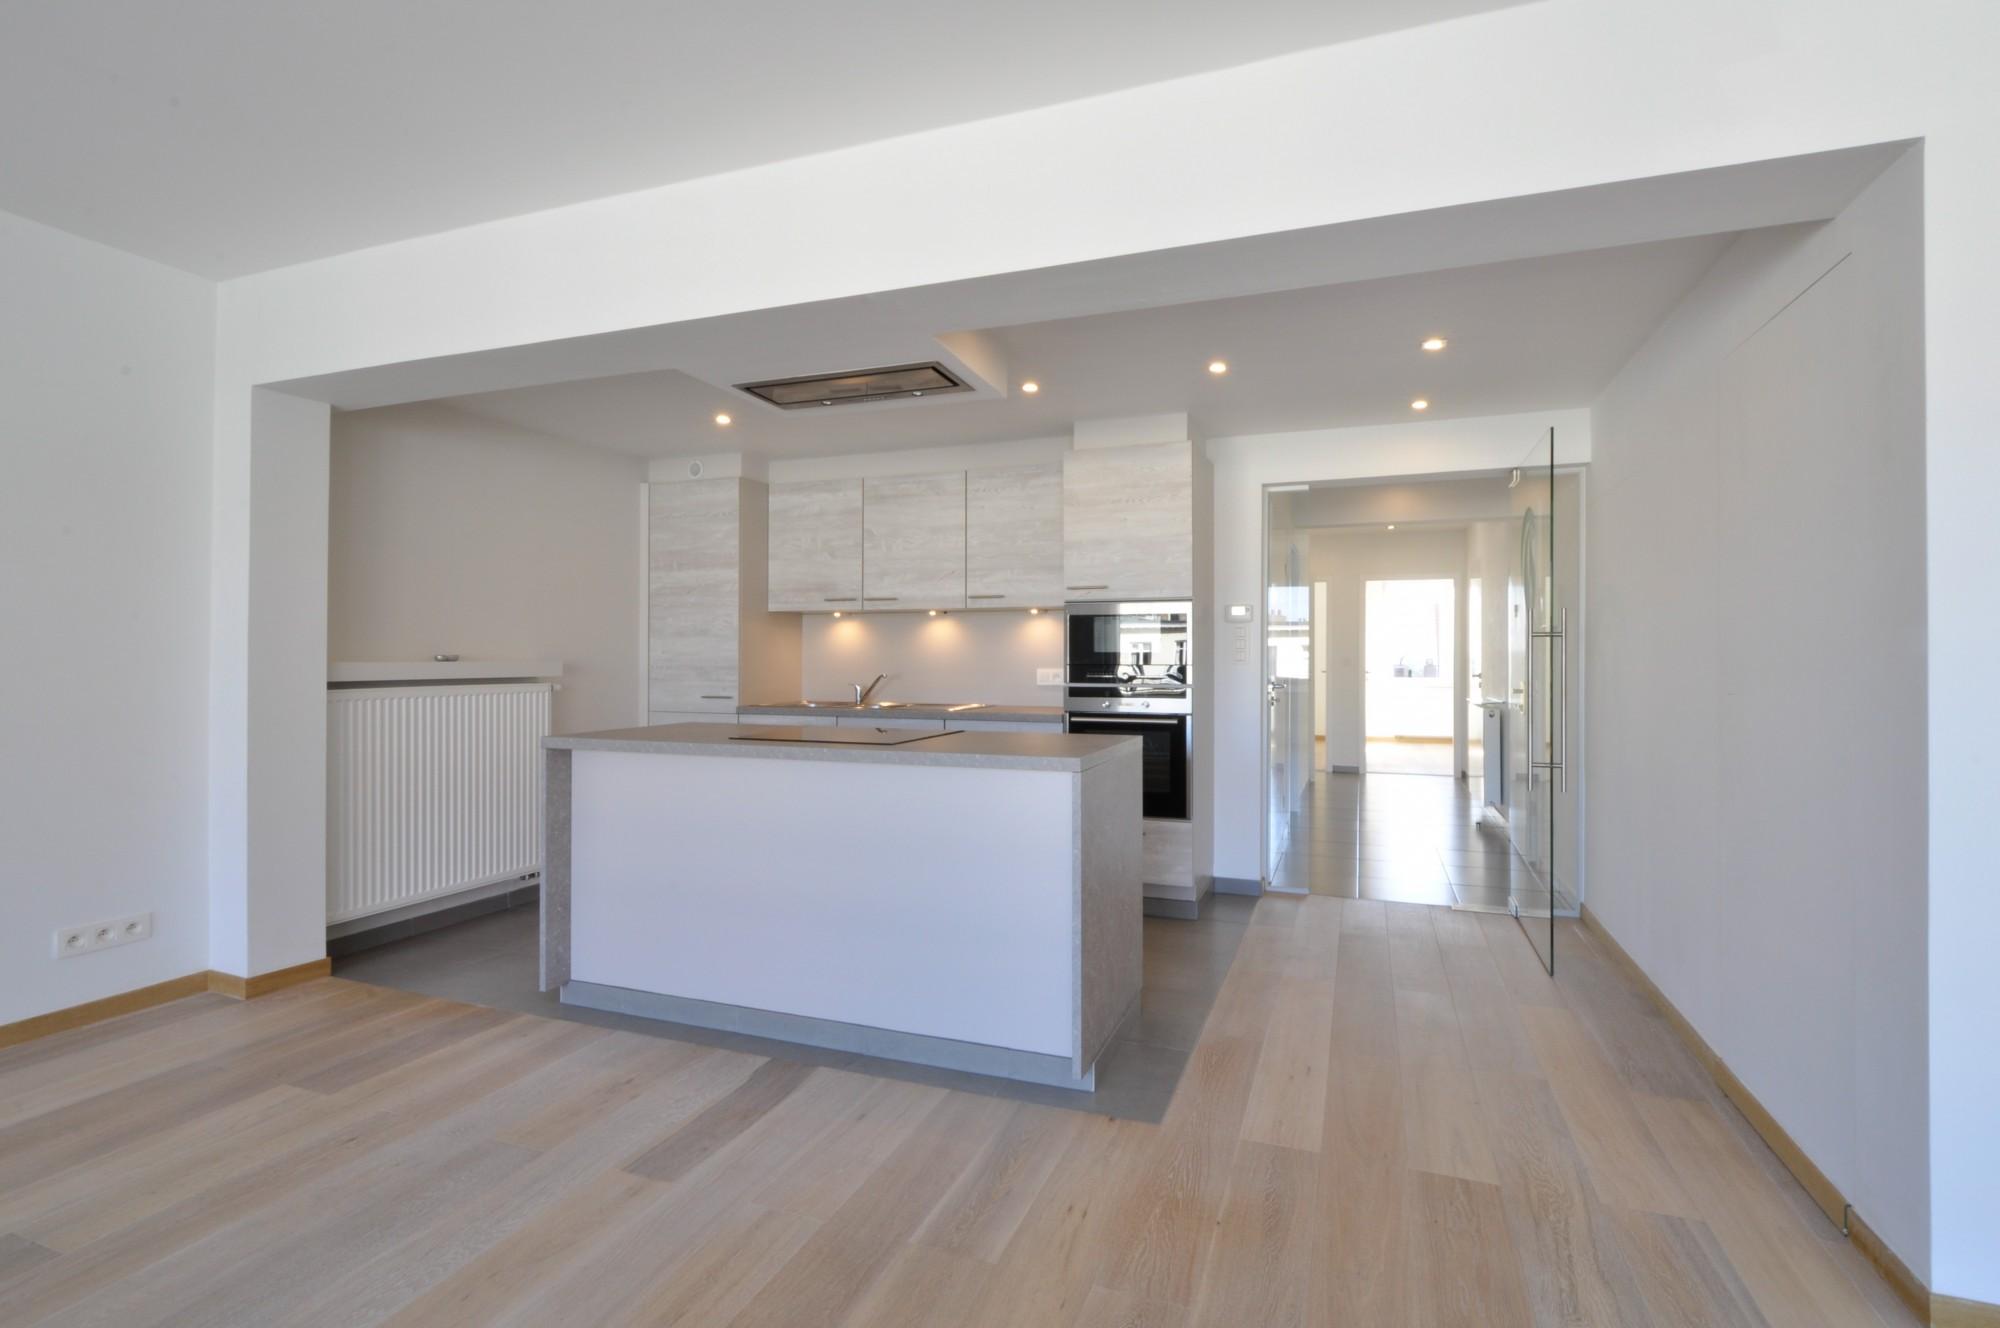 Verhuur Appartement T2 F2 Knokke-Heist - gerenoveerd en lichtrijk ...